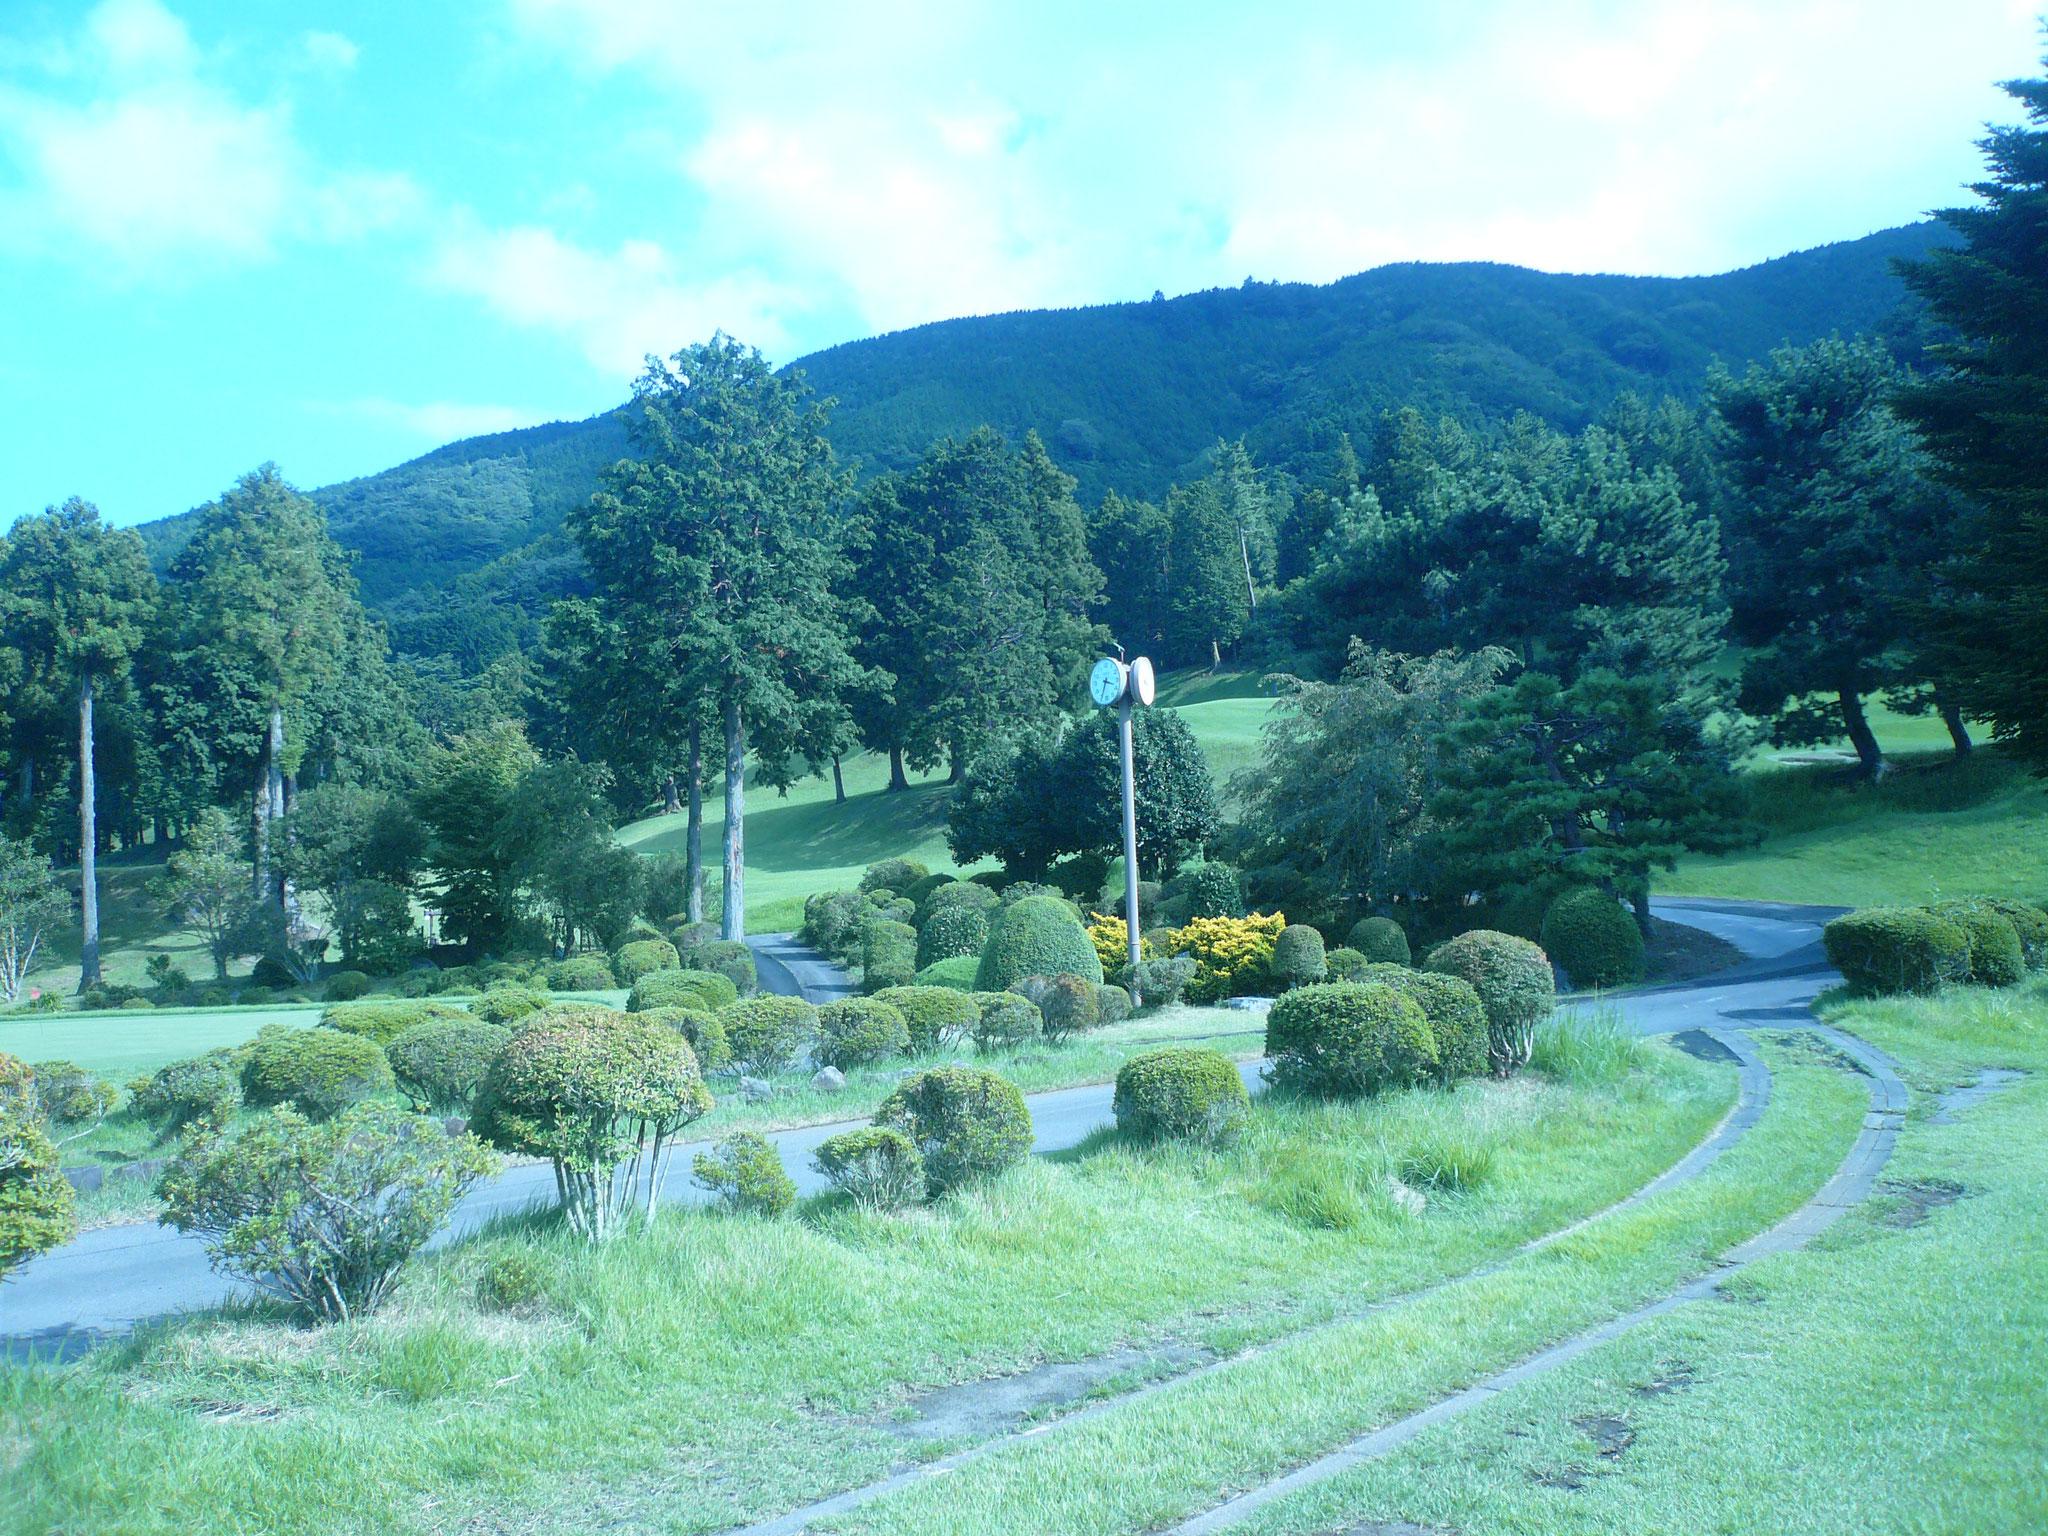 箱根の山並み見ると涼しそうな小田原湯本CC